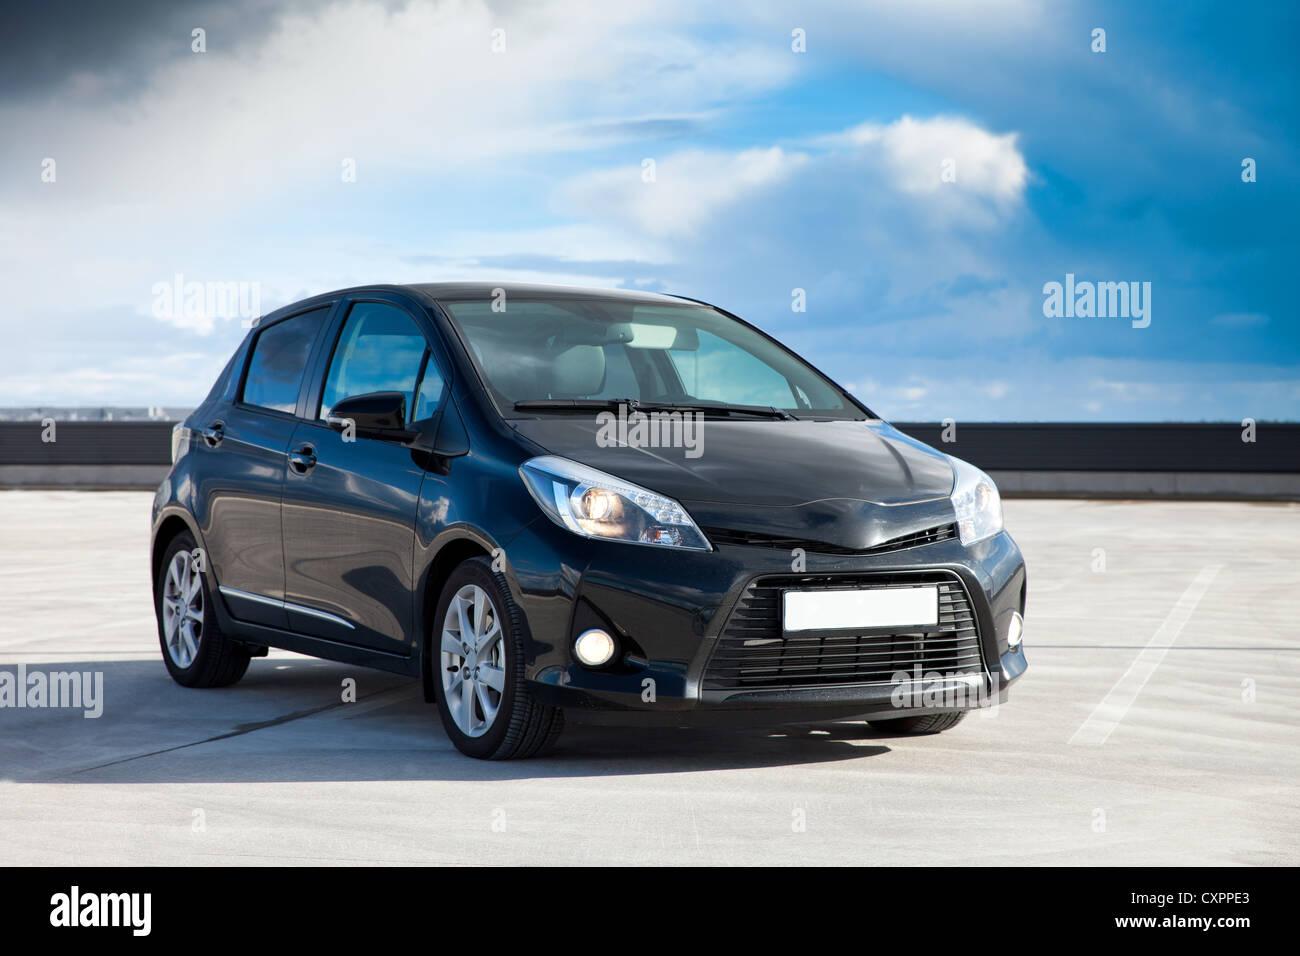 Moderna dimensione piccola famiglia auto, tecnologia ibrida Immagini Stock